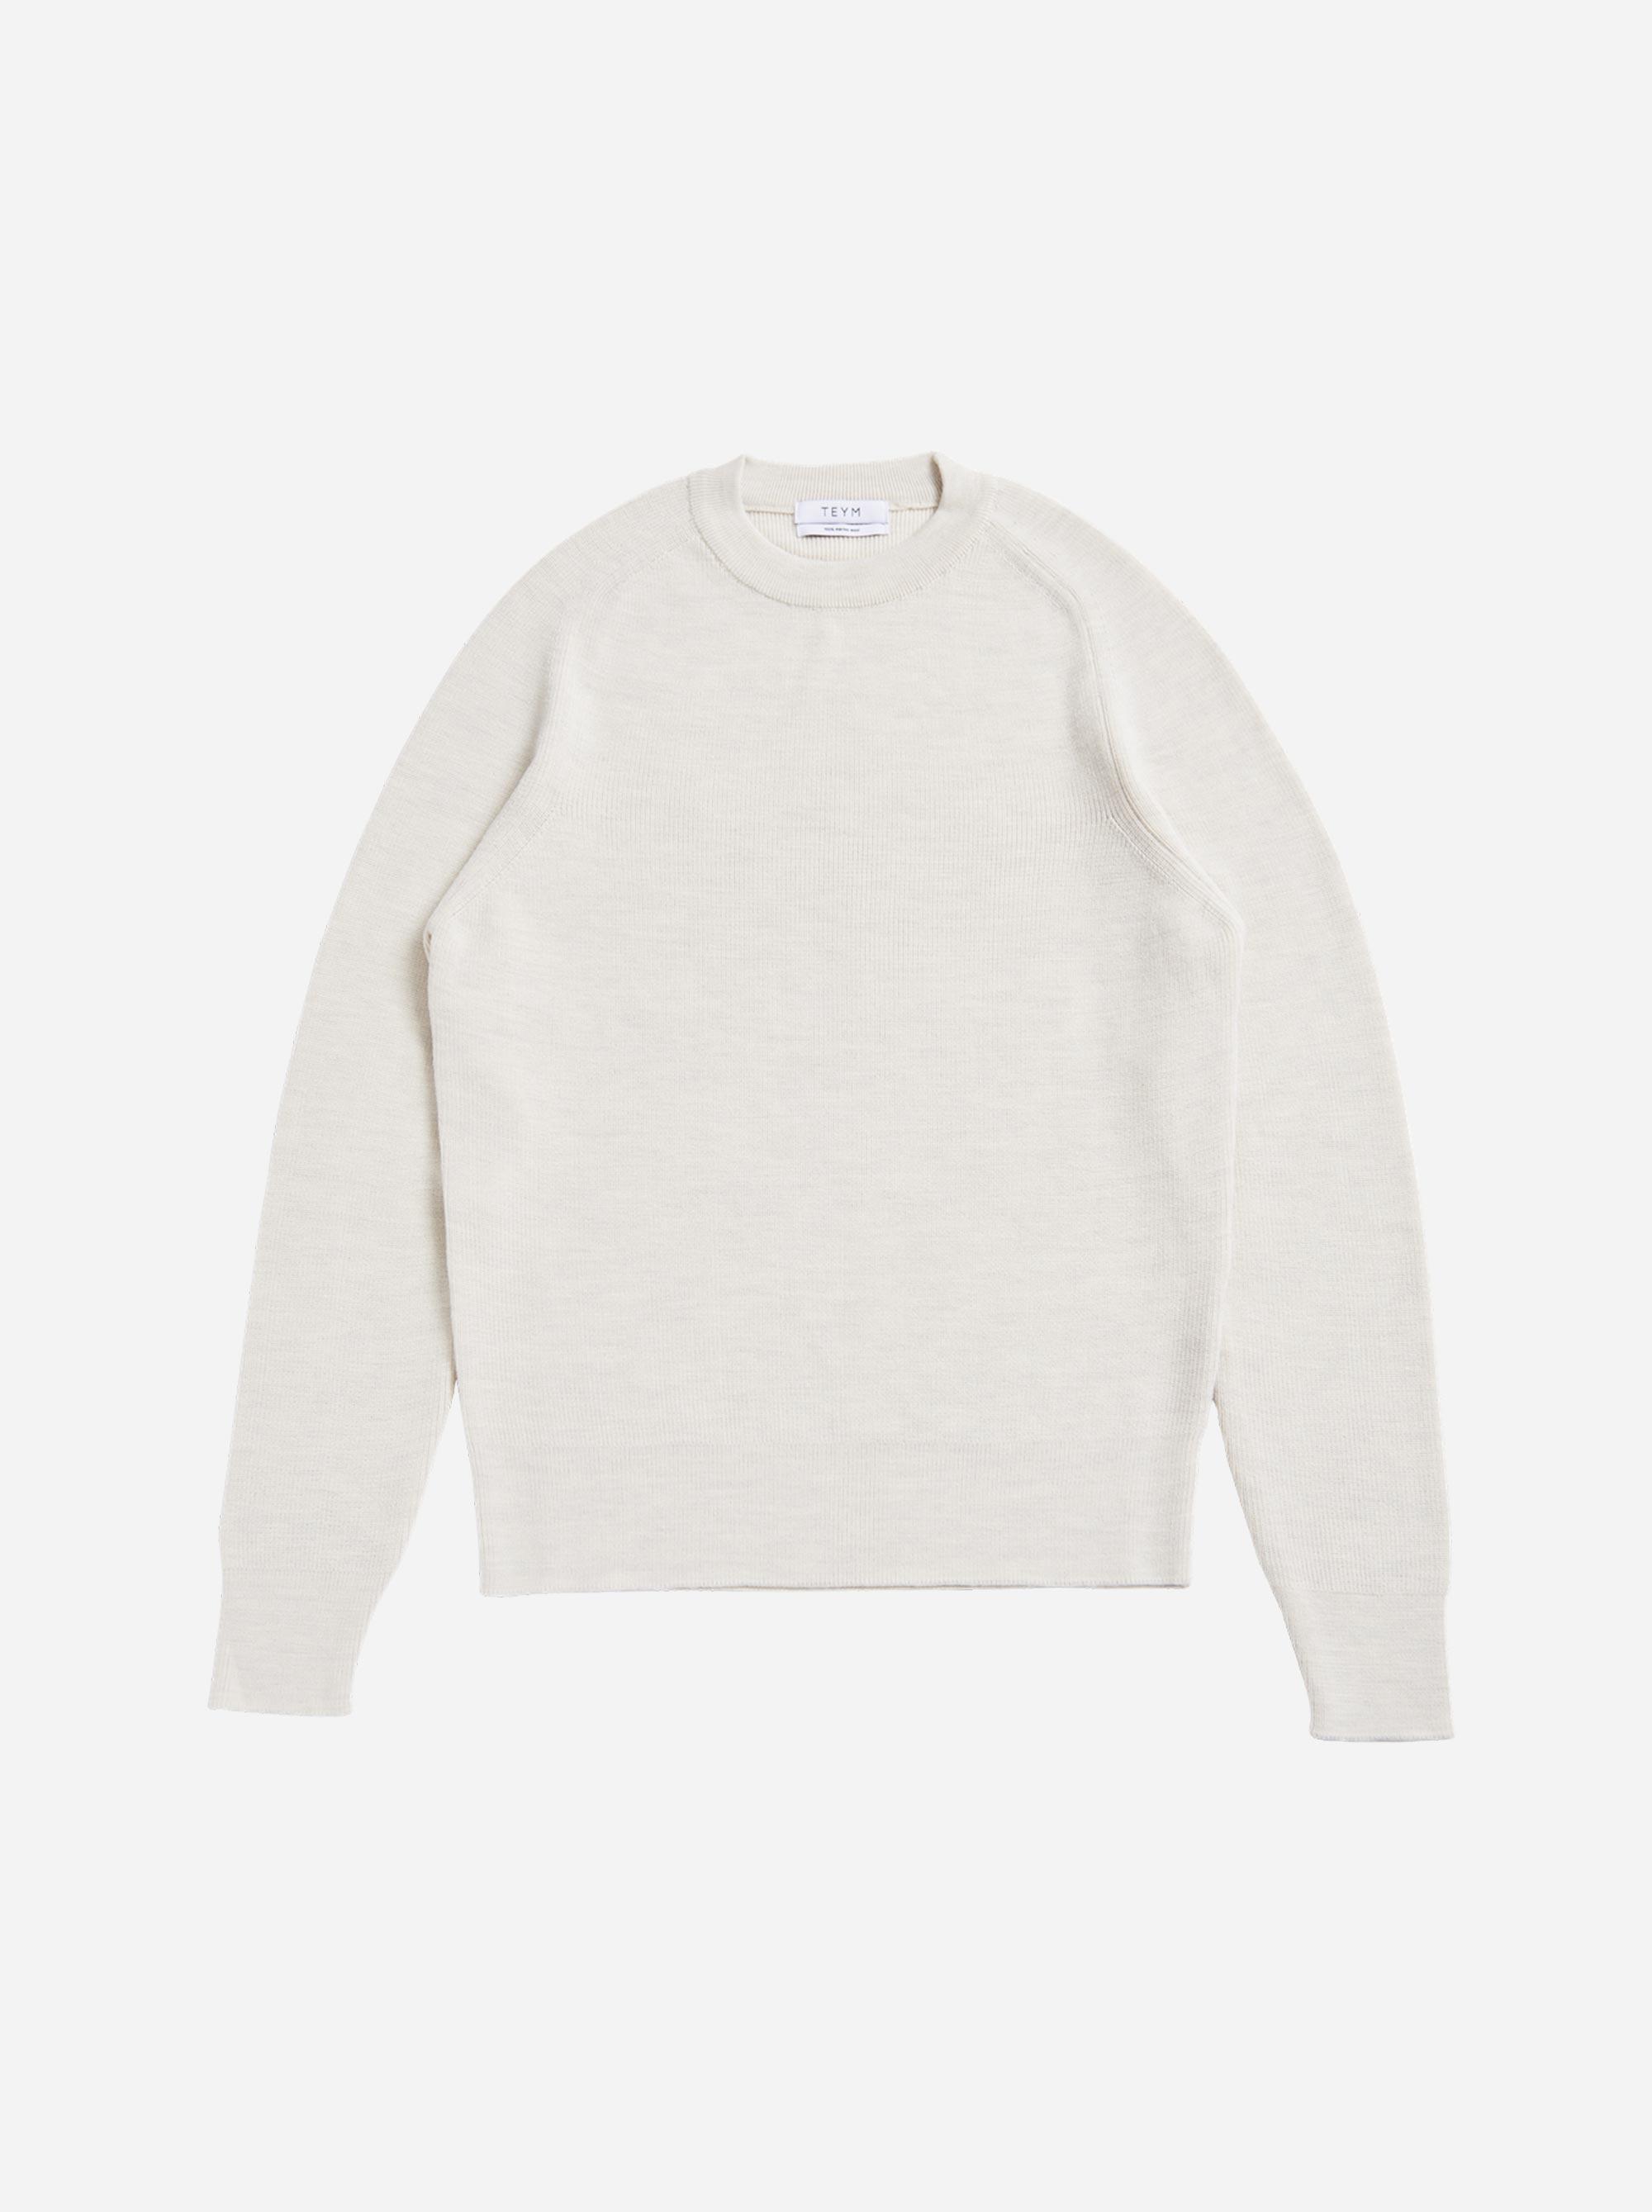 Teym - Crewneck - The Merino Sweater - Women - White - 5